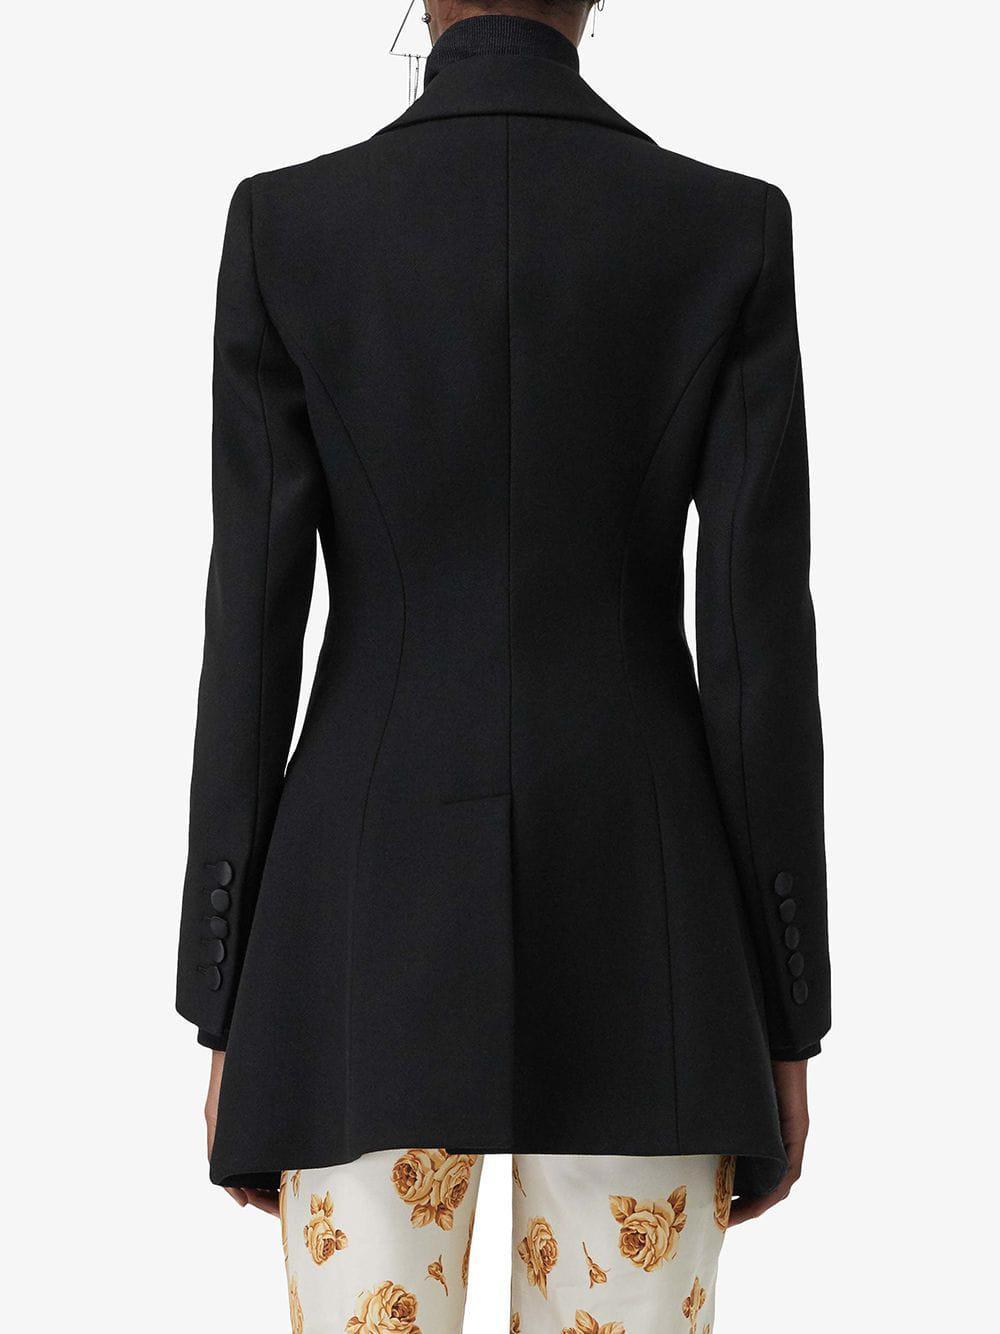 a22cd4651e6 burberry-Black-Herringbone-Wool-Cashmere-Blend-Tailored-Jacket.jpeg